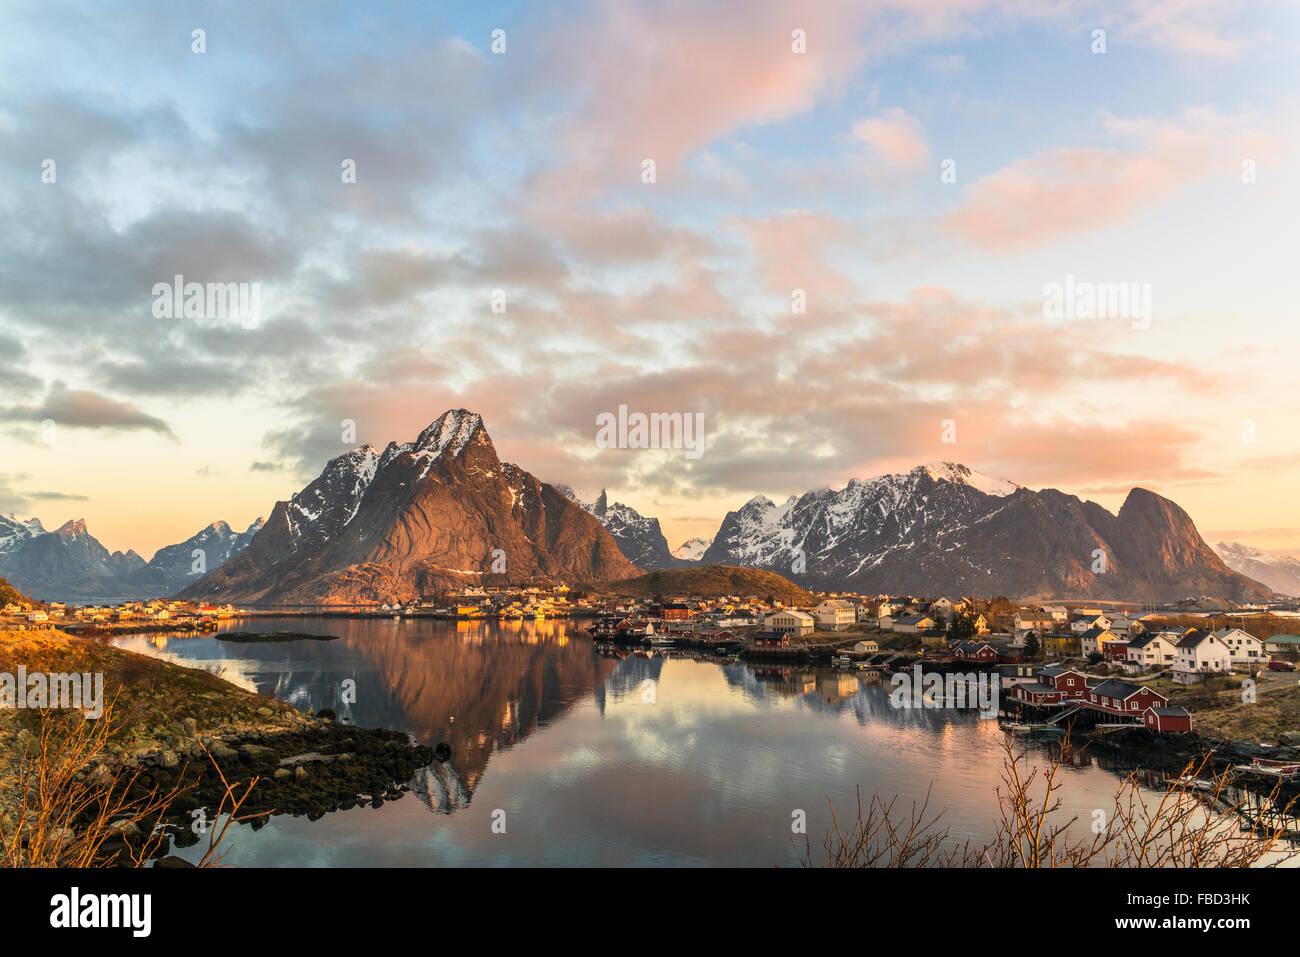 Olstinden mountain at sunrise, Reine, Lofoten, Norway - Stock Image